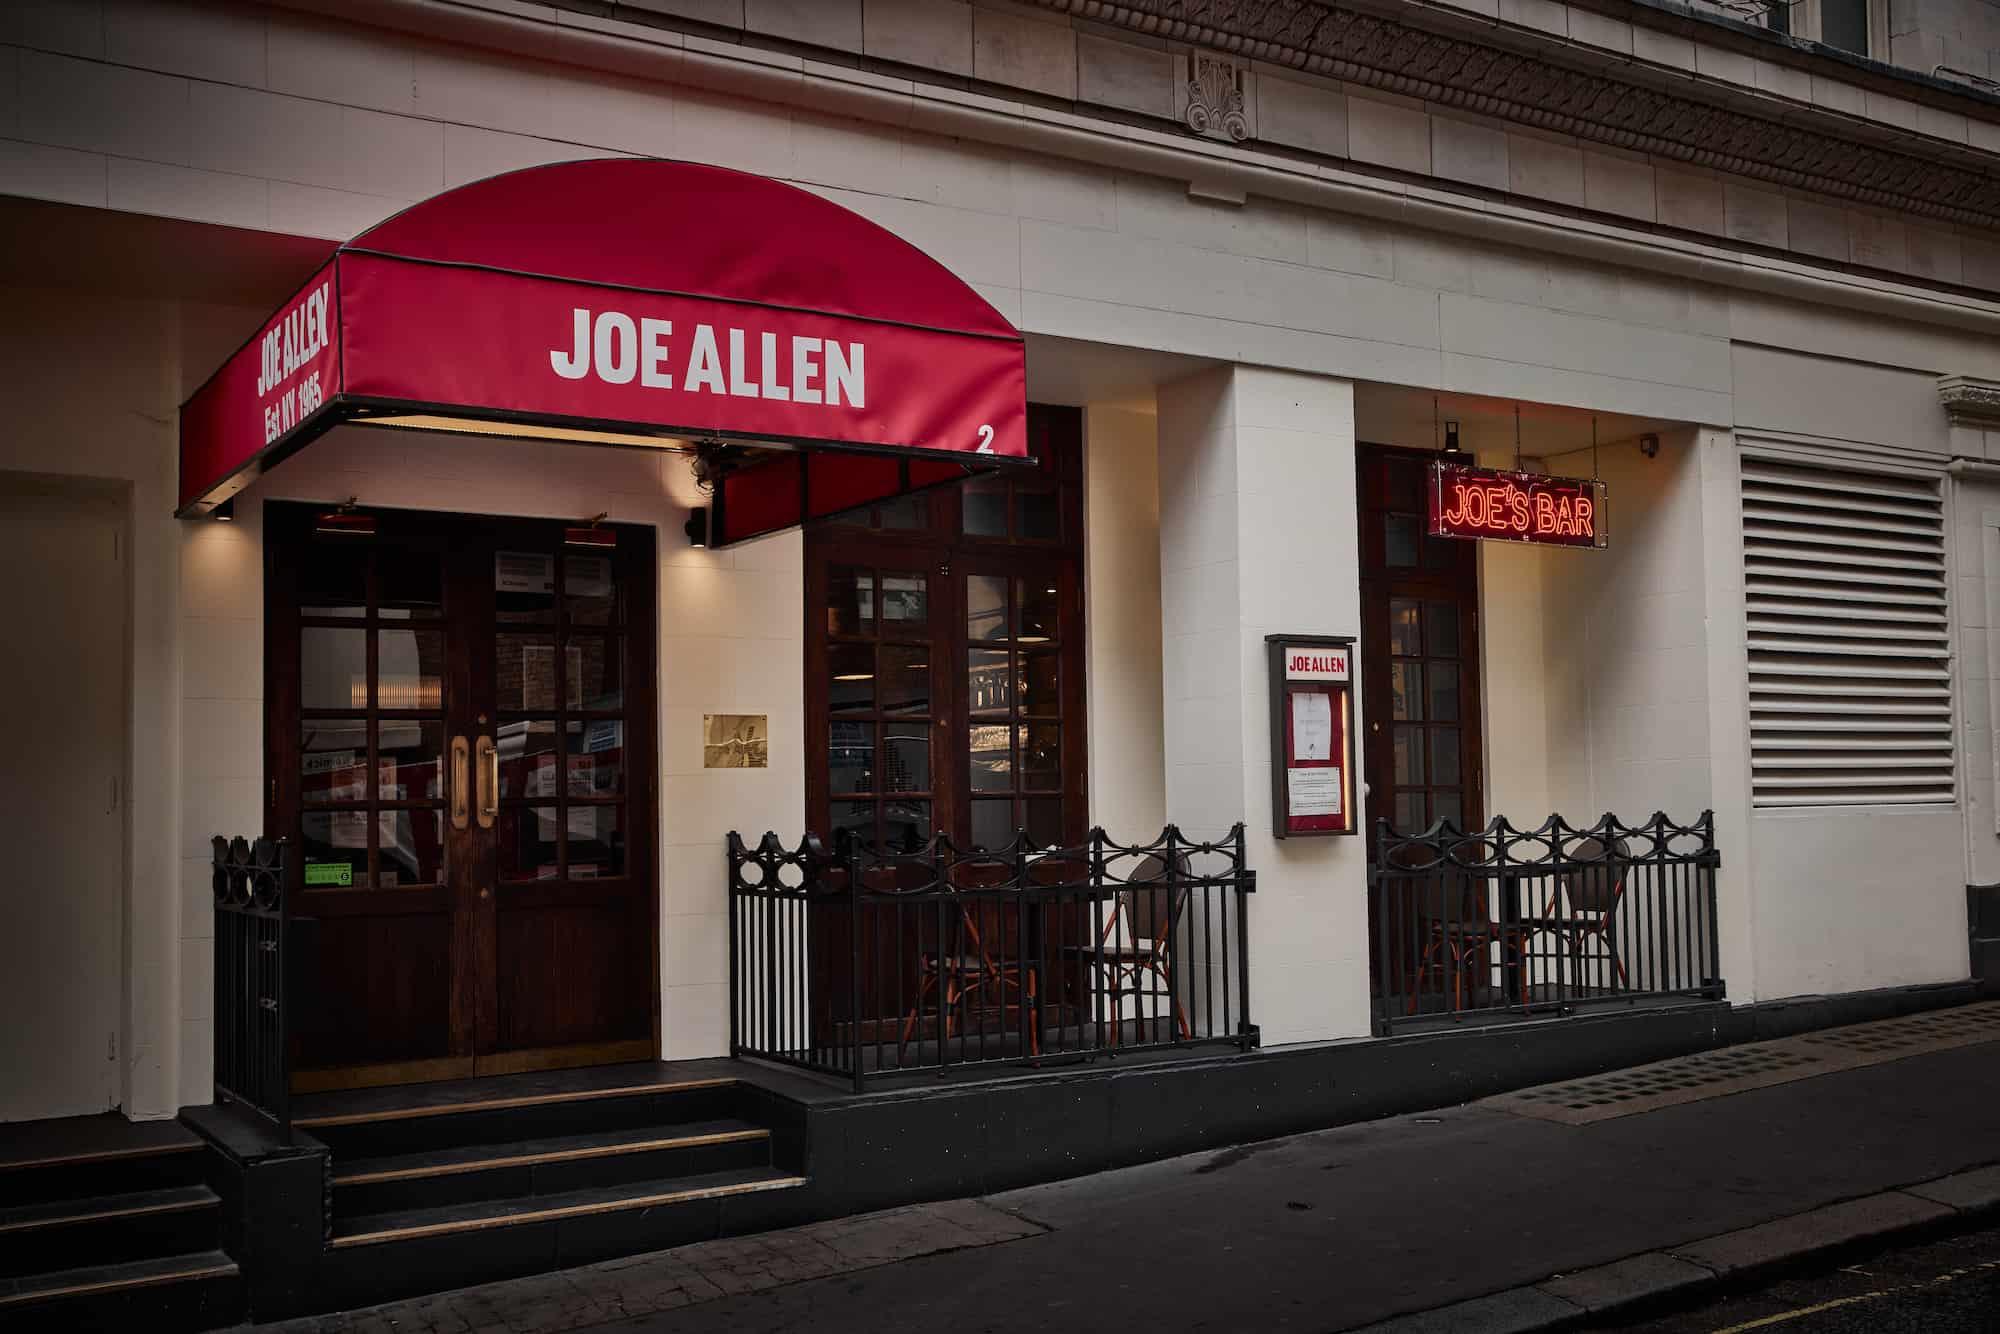 Joe Allen New restaurant openings October 2021